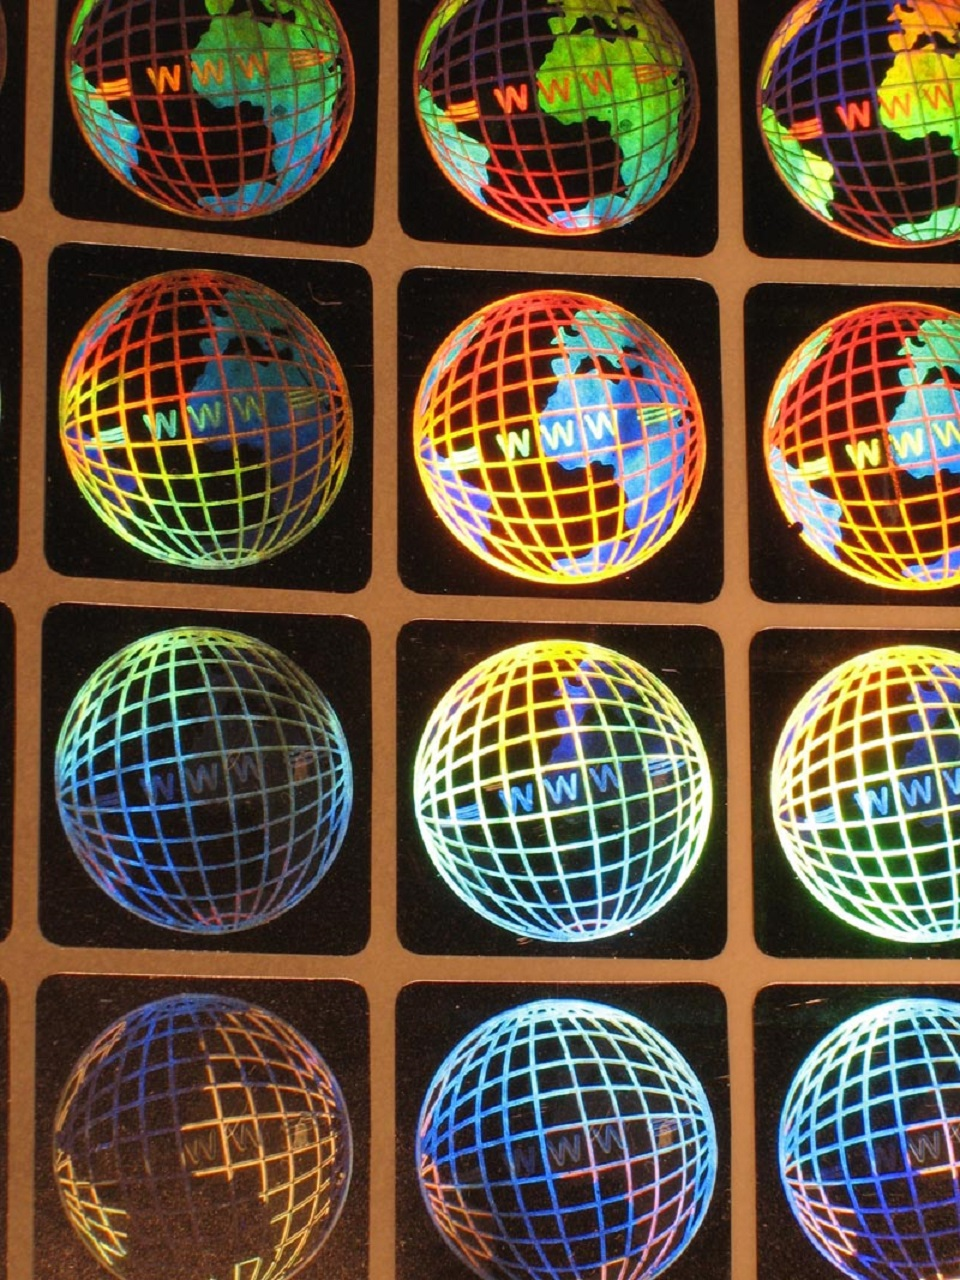 Hologramm-Aufkler 3D Welt, 20x20mm, Garantiesiegel, Sicherheitsetikett